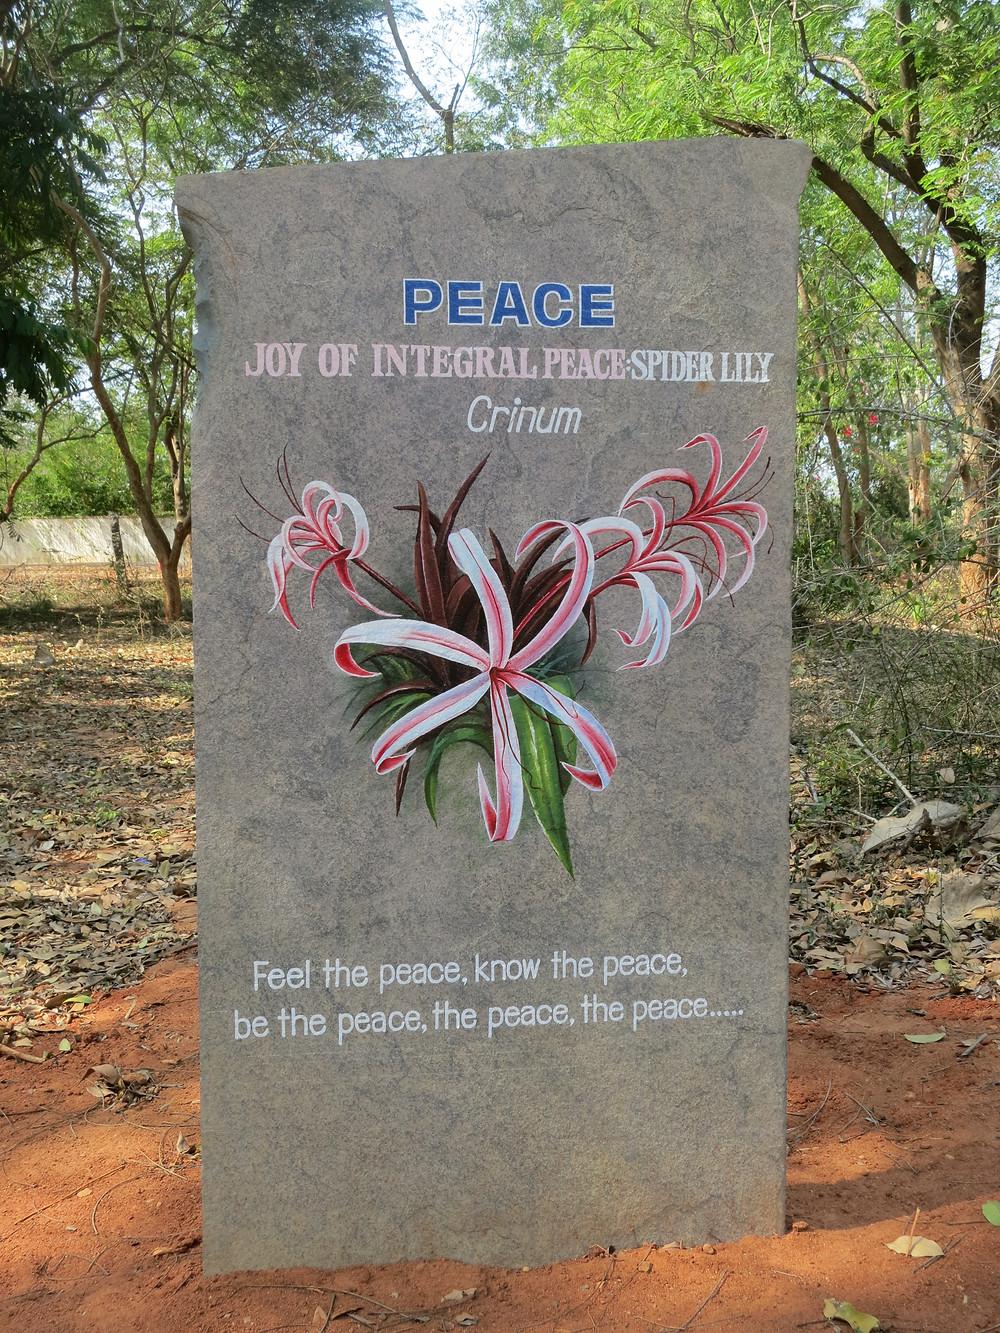 Peace-Stein in Auroville/Indien (copyright D. Kramer